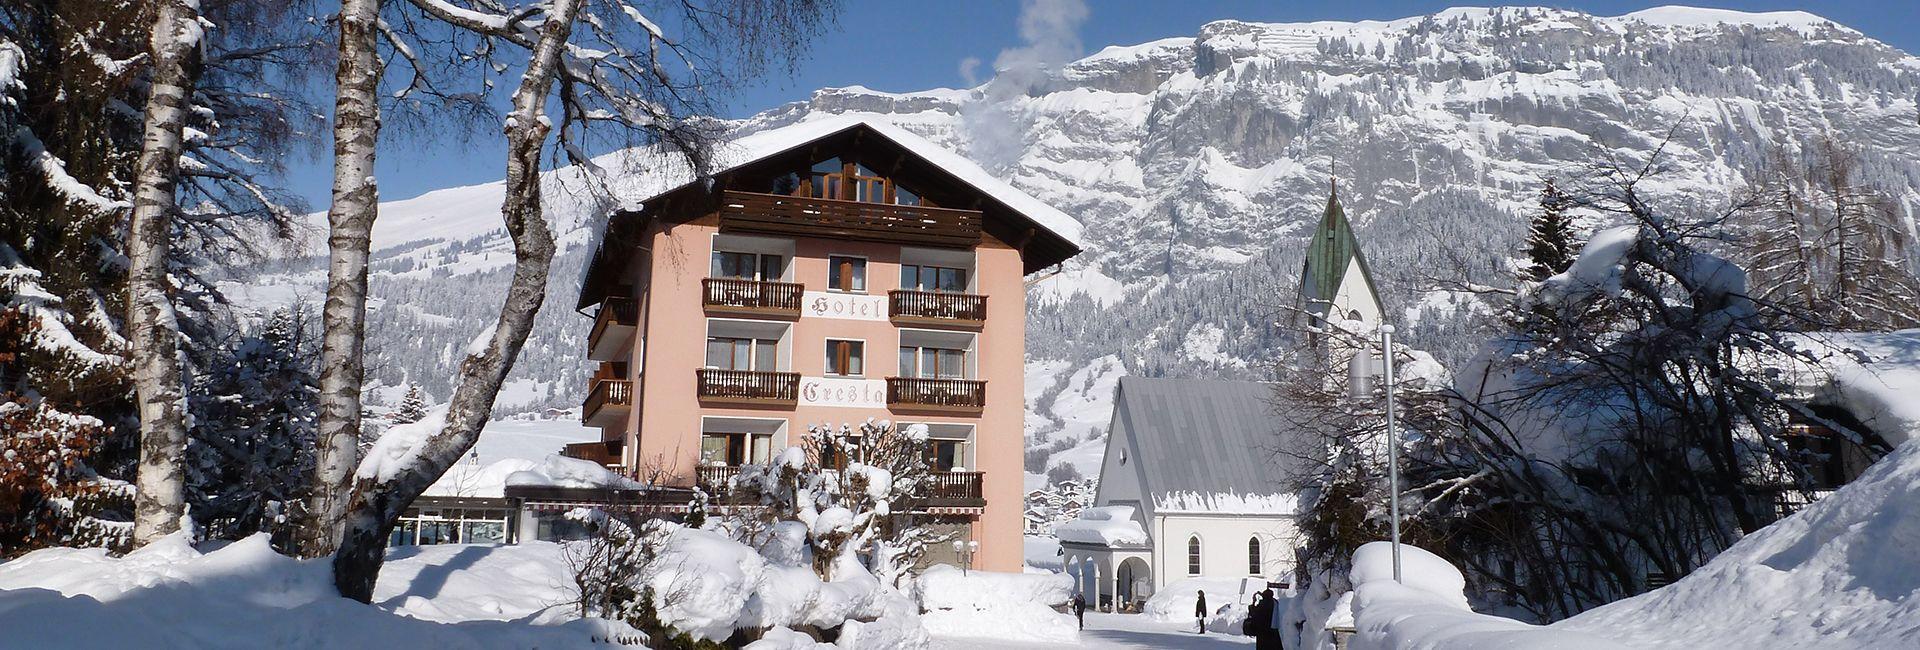 Aussenansicht Hotel Cresta Flims mit Flimserstein